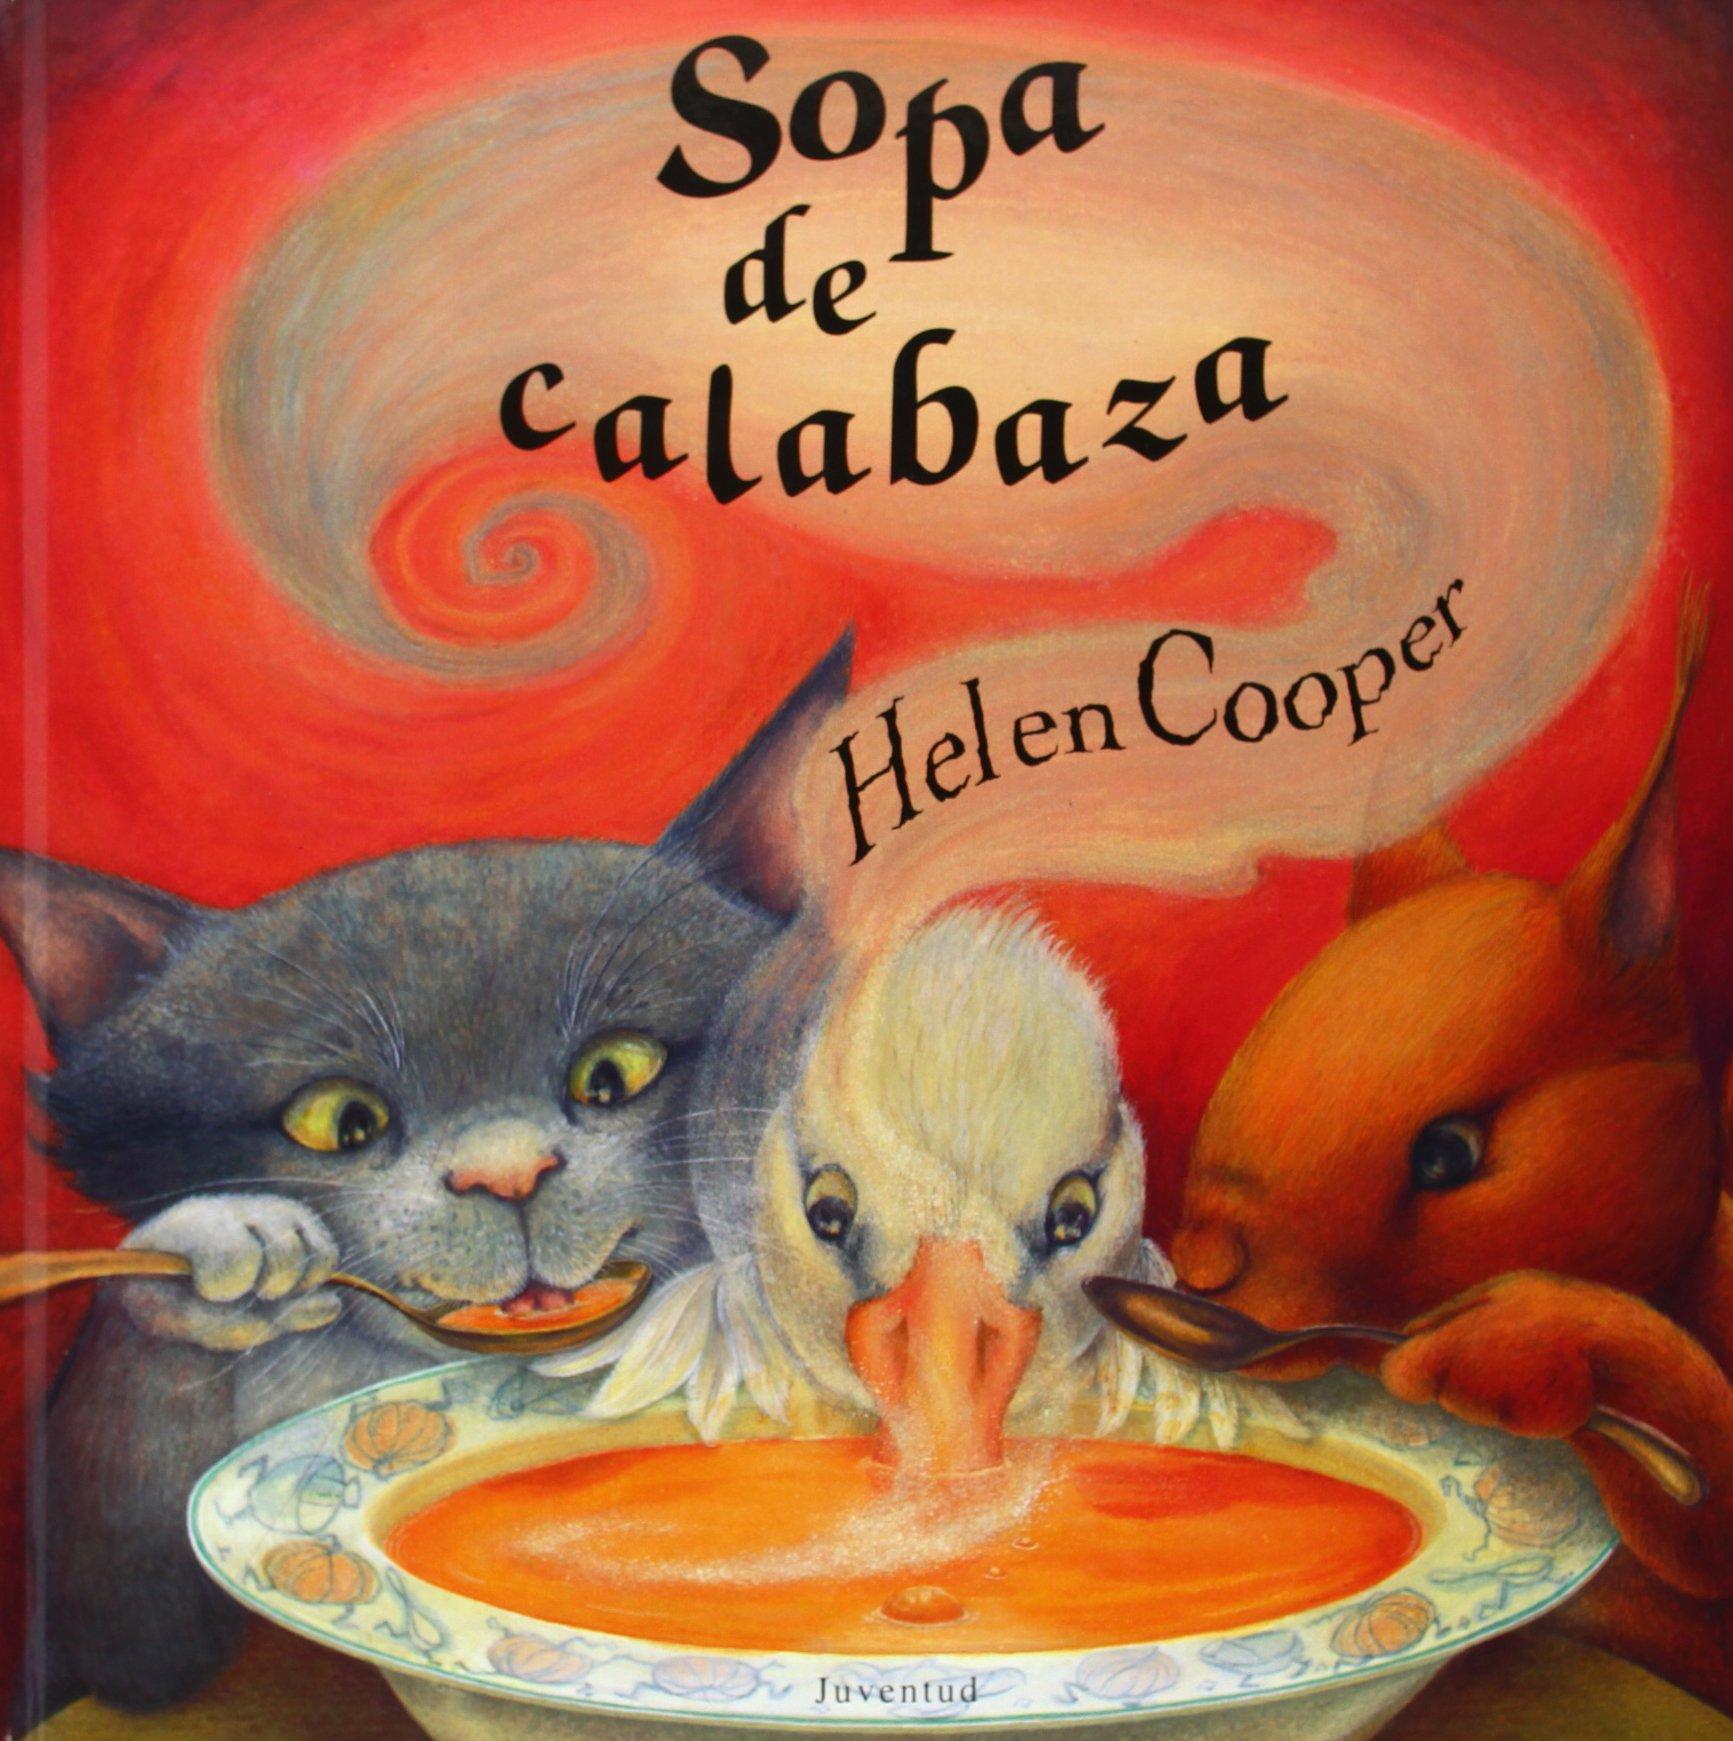 Sopa de calabaza (Spanish Edition)